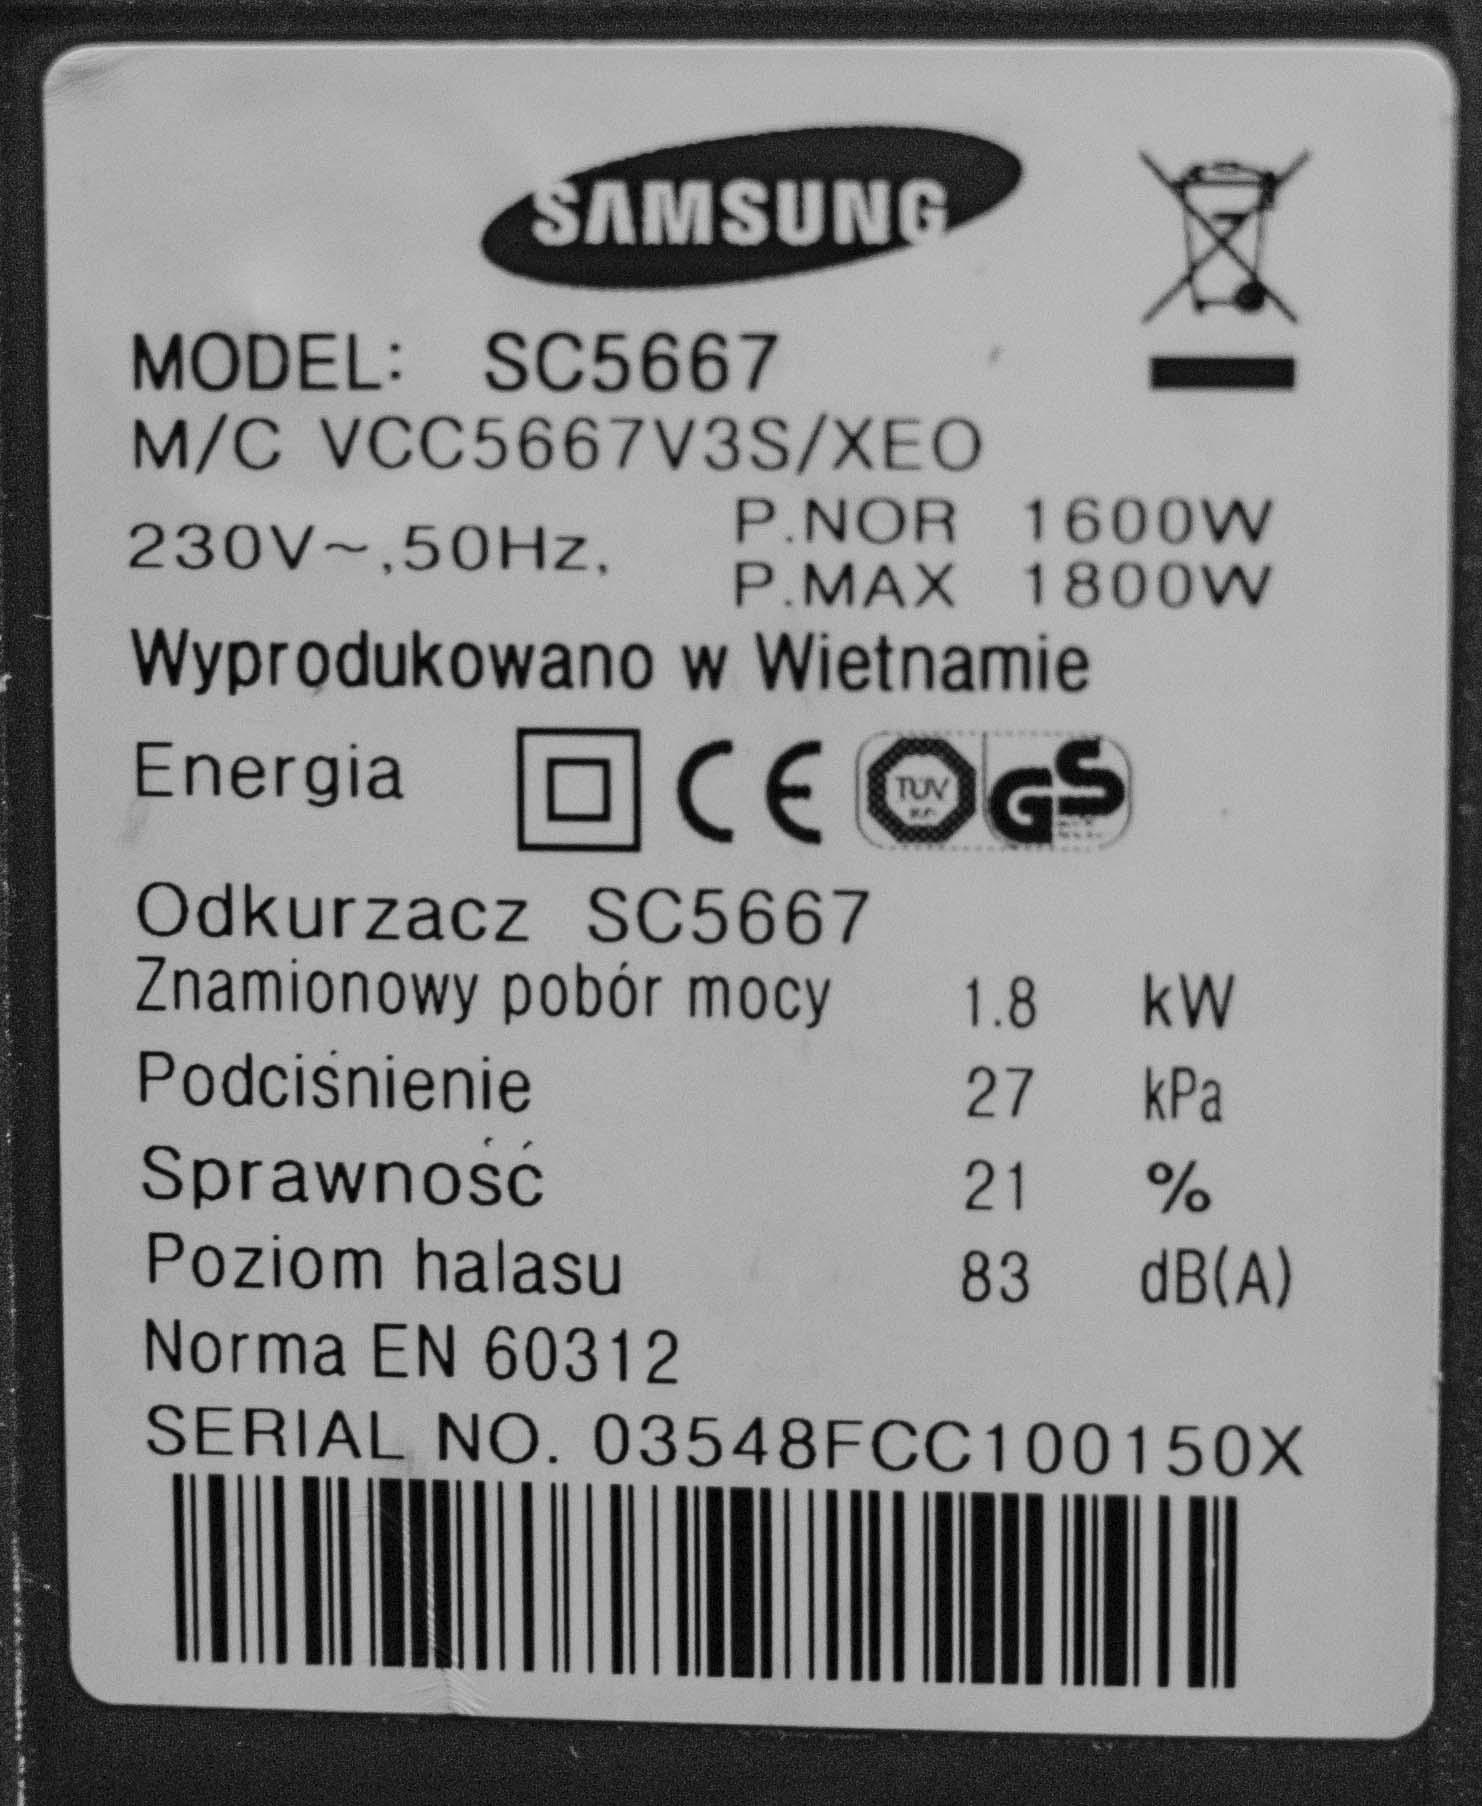 Samsung SC5667 - G�o�ny silnik odkurzacza. Wycie okurzacza